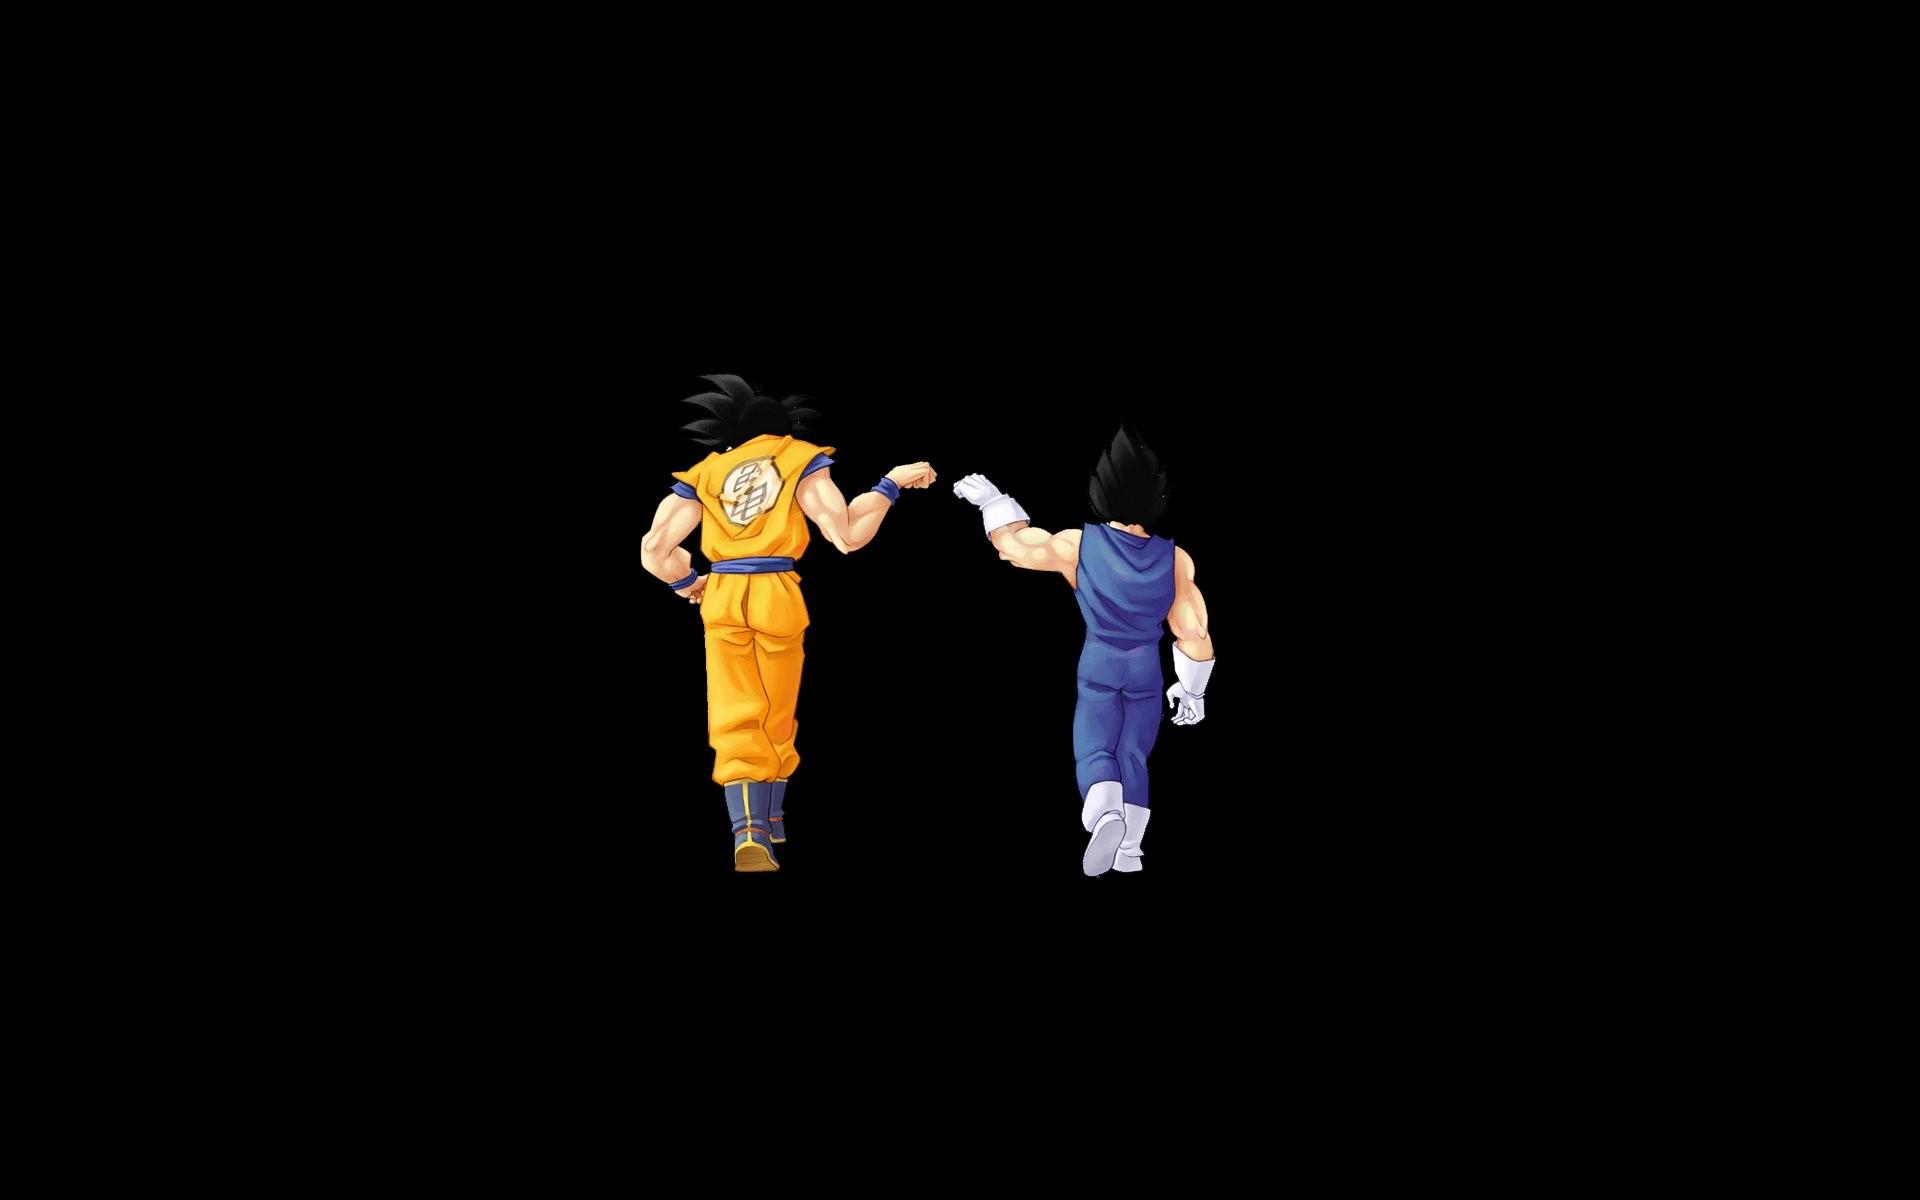 Papel de Parede HD   Plano de Fundo ID:303301. Anime Dragon Ball Z